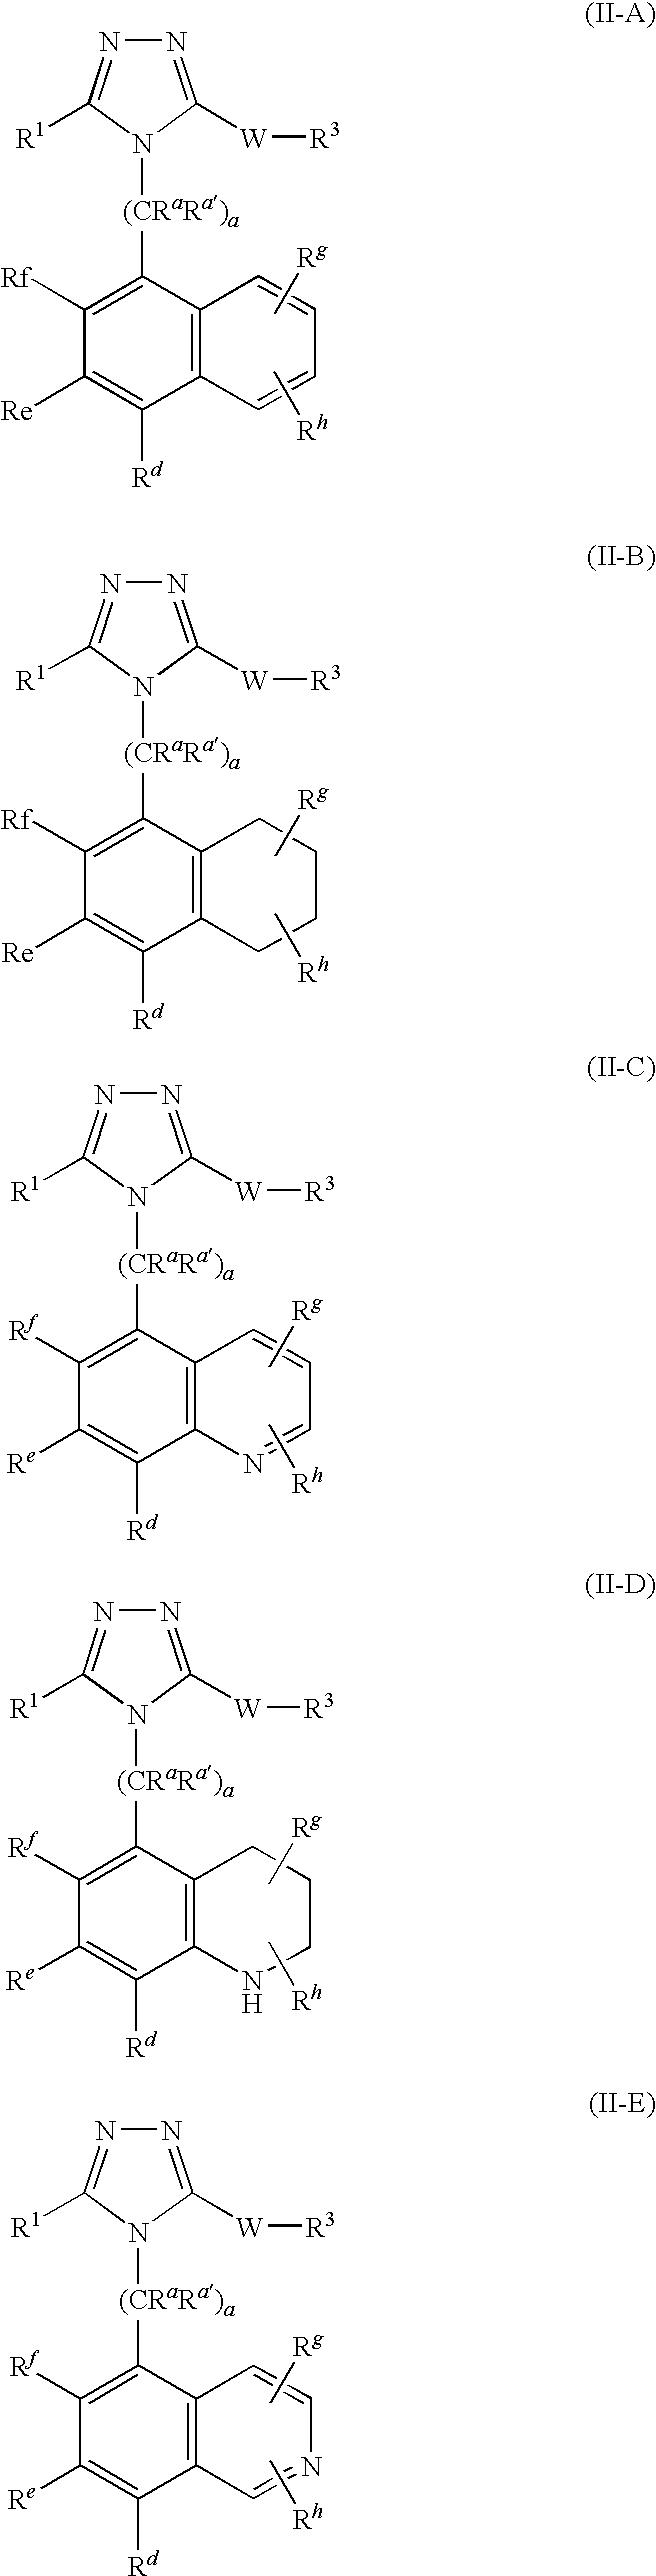 Figure US08242154-20120814-C00015